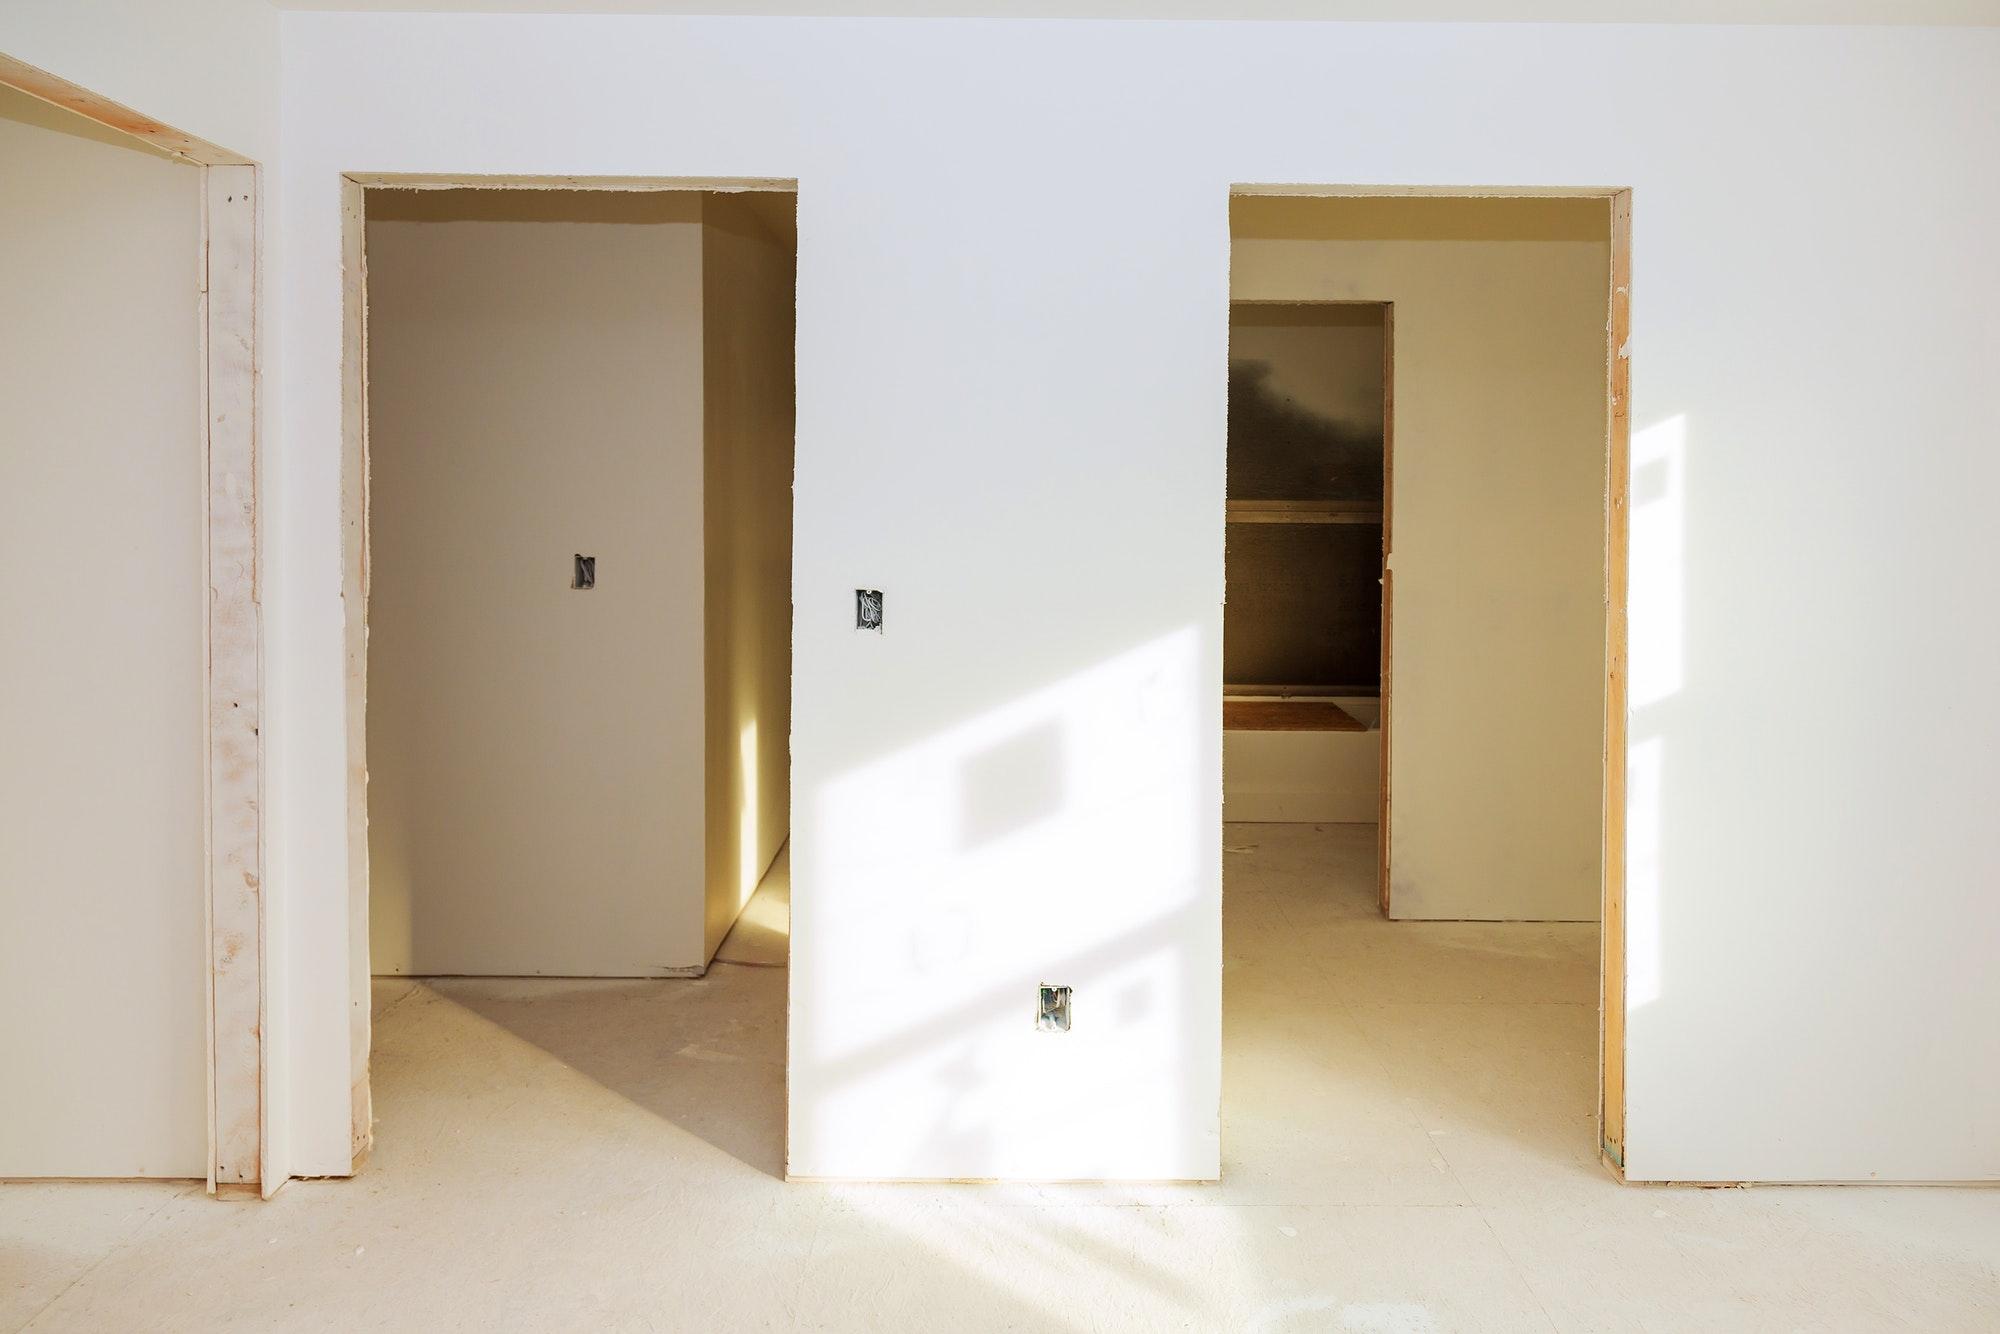 Tømrer nybyggeri eller ny byg samt tilbygning